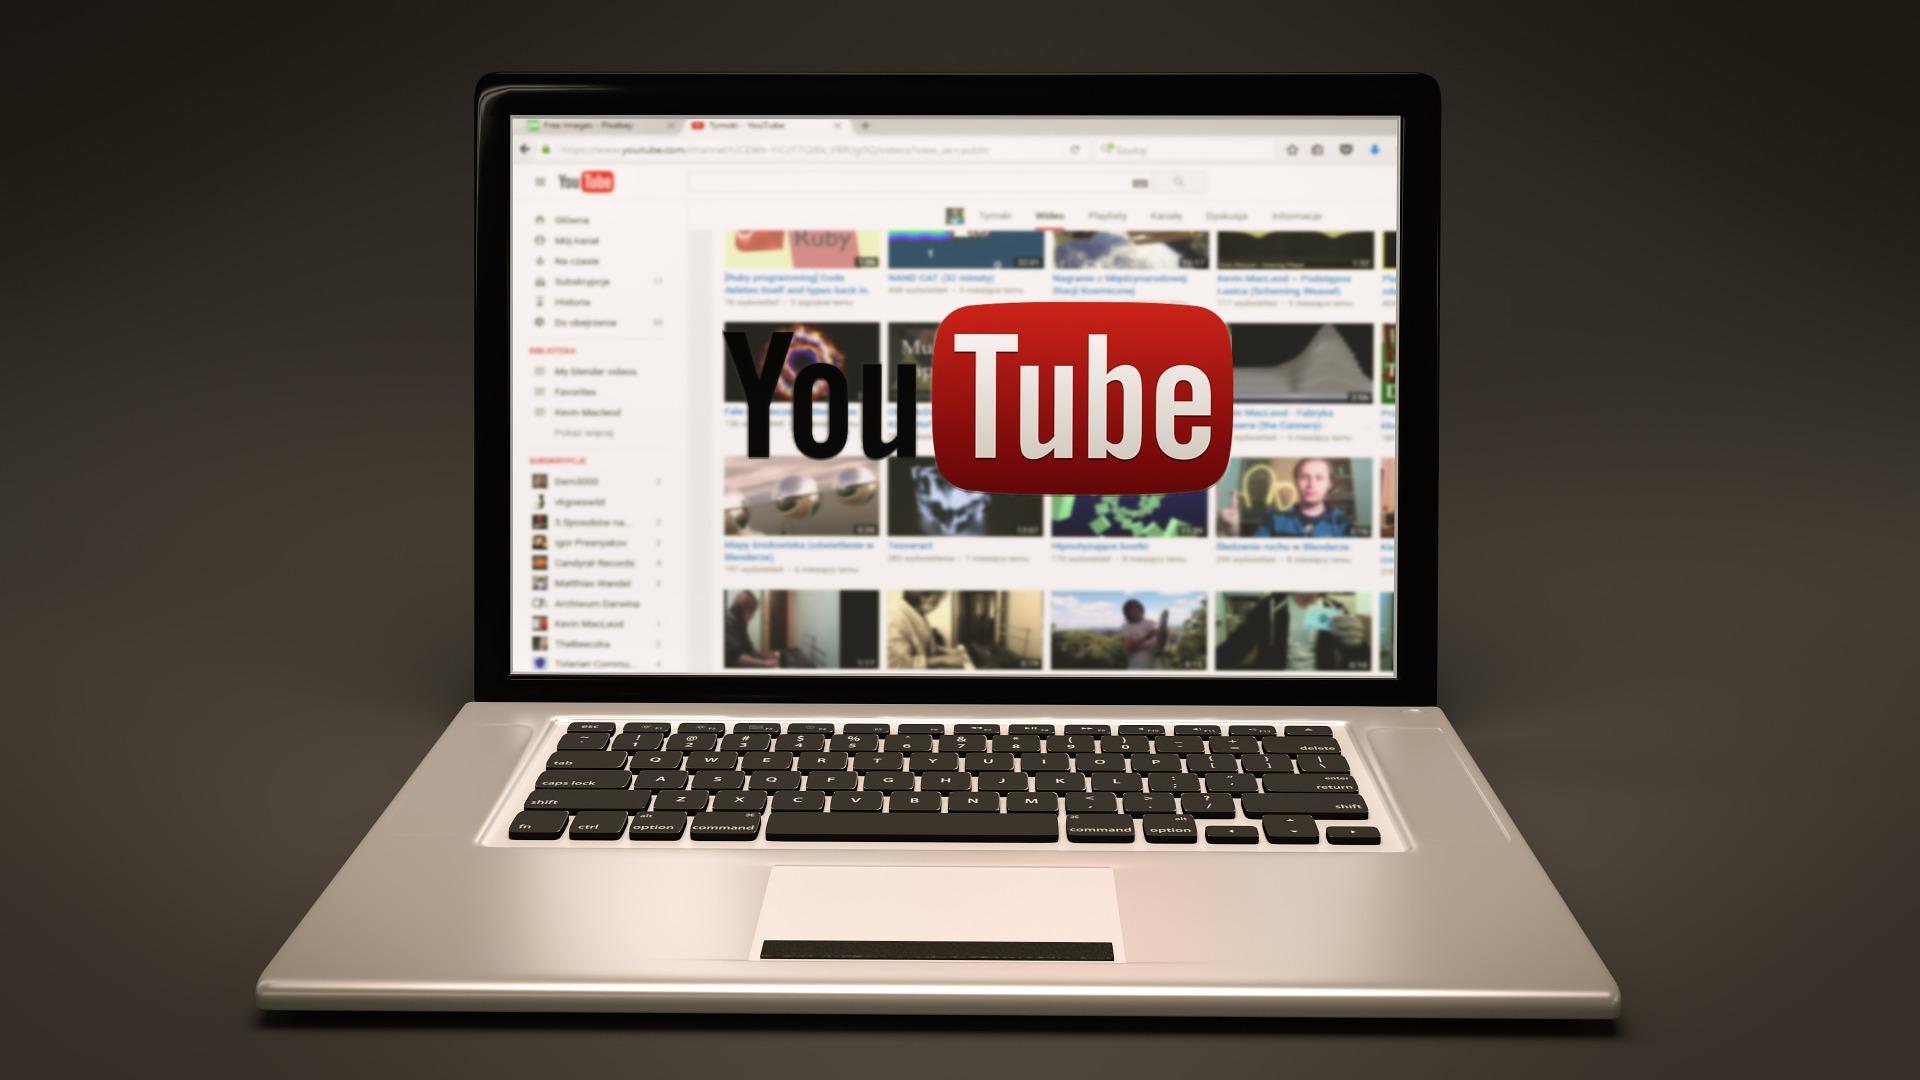 Perú: Este es el tipo de contenido que los usuarios consumen en YouTube a diario